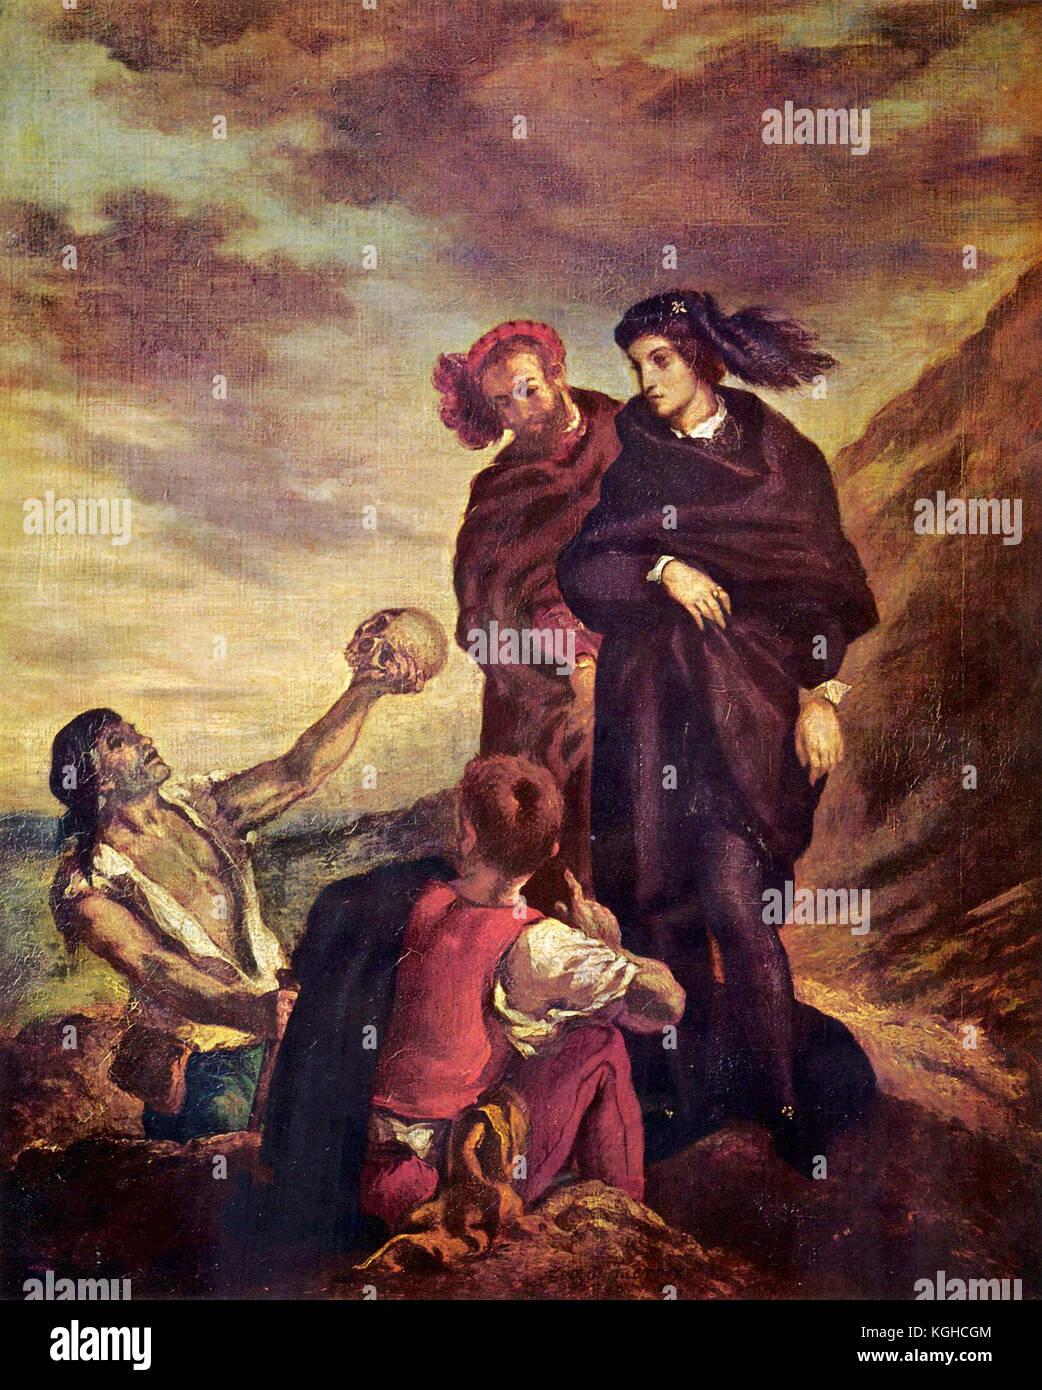 The gravedigger scene by Eugène Delacroix, 1839 - Stock Image